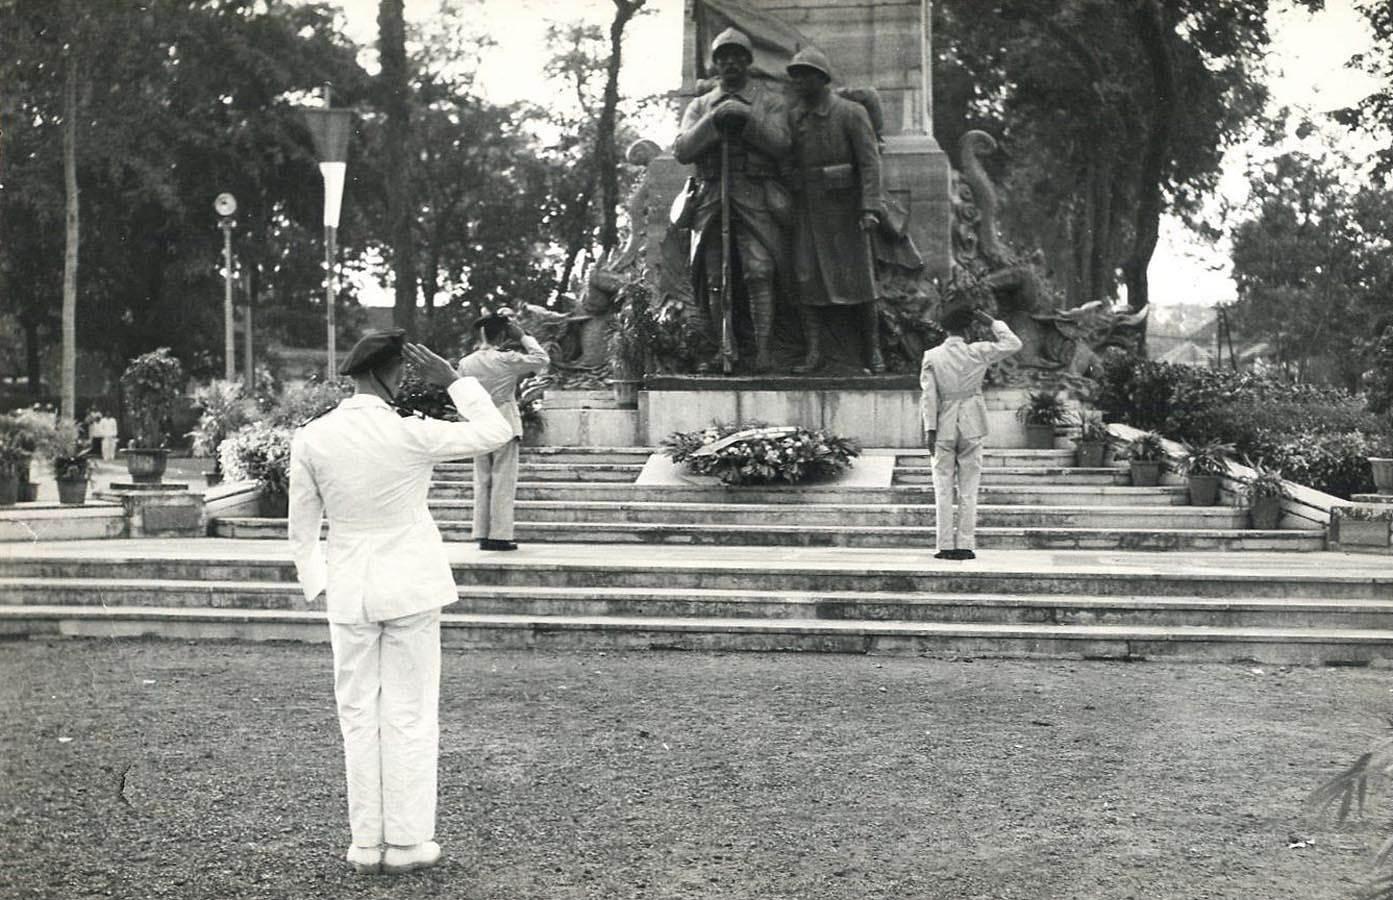 Công trường Chiến sĩ, nơi ngày nay là Hồ con rùa. Ảnh chụp những năm 1950